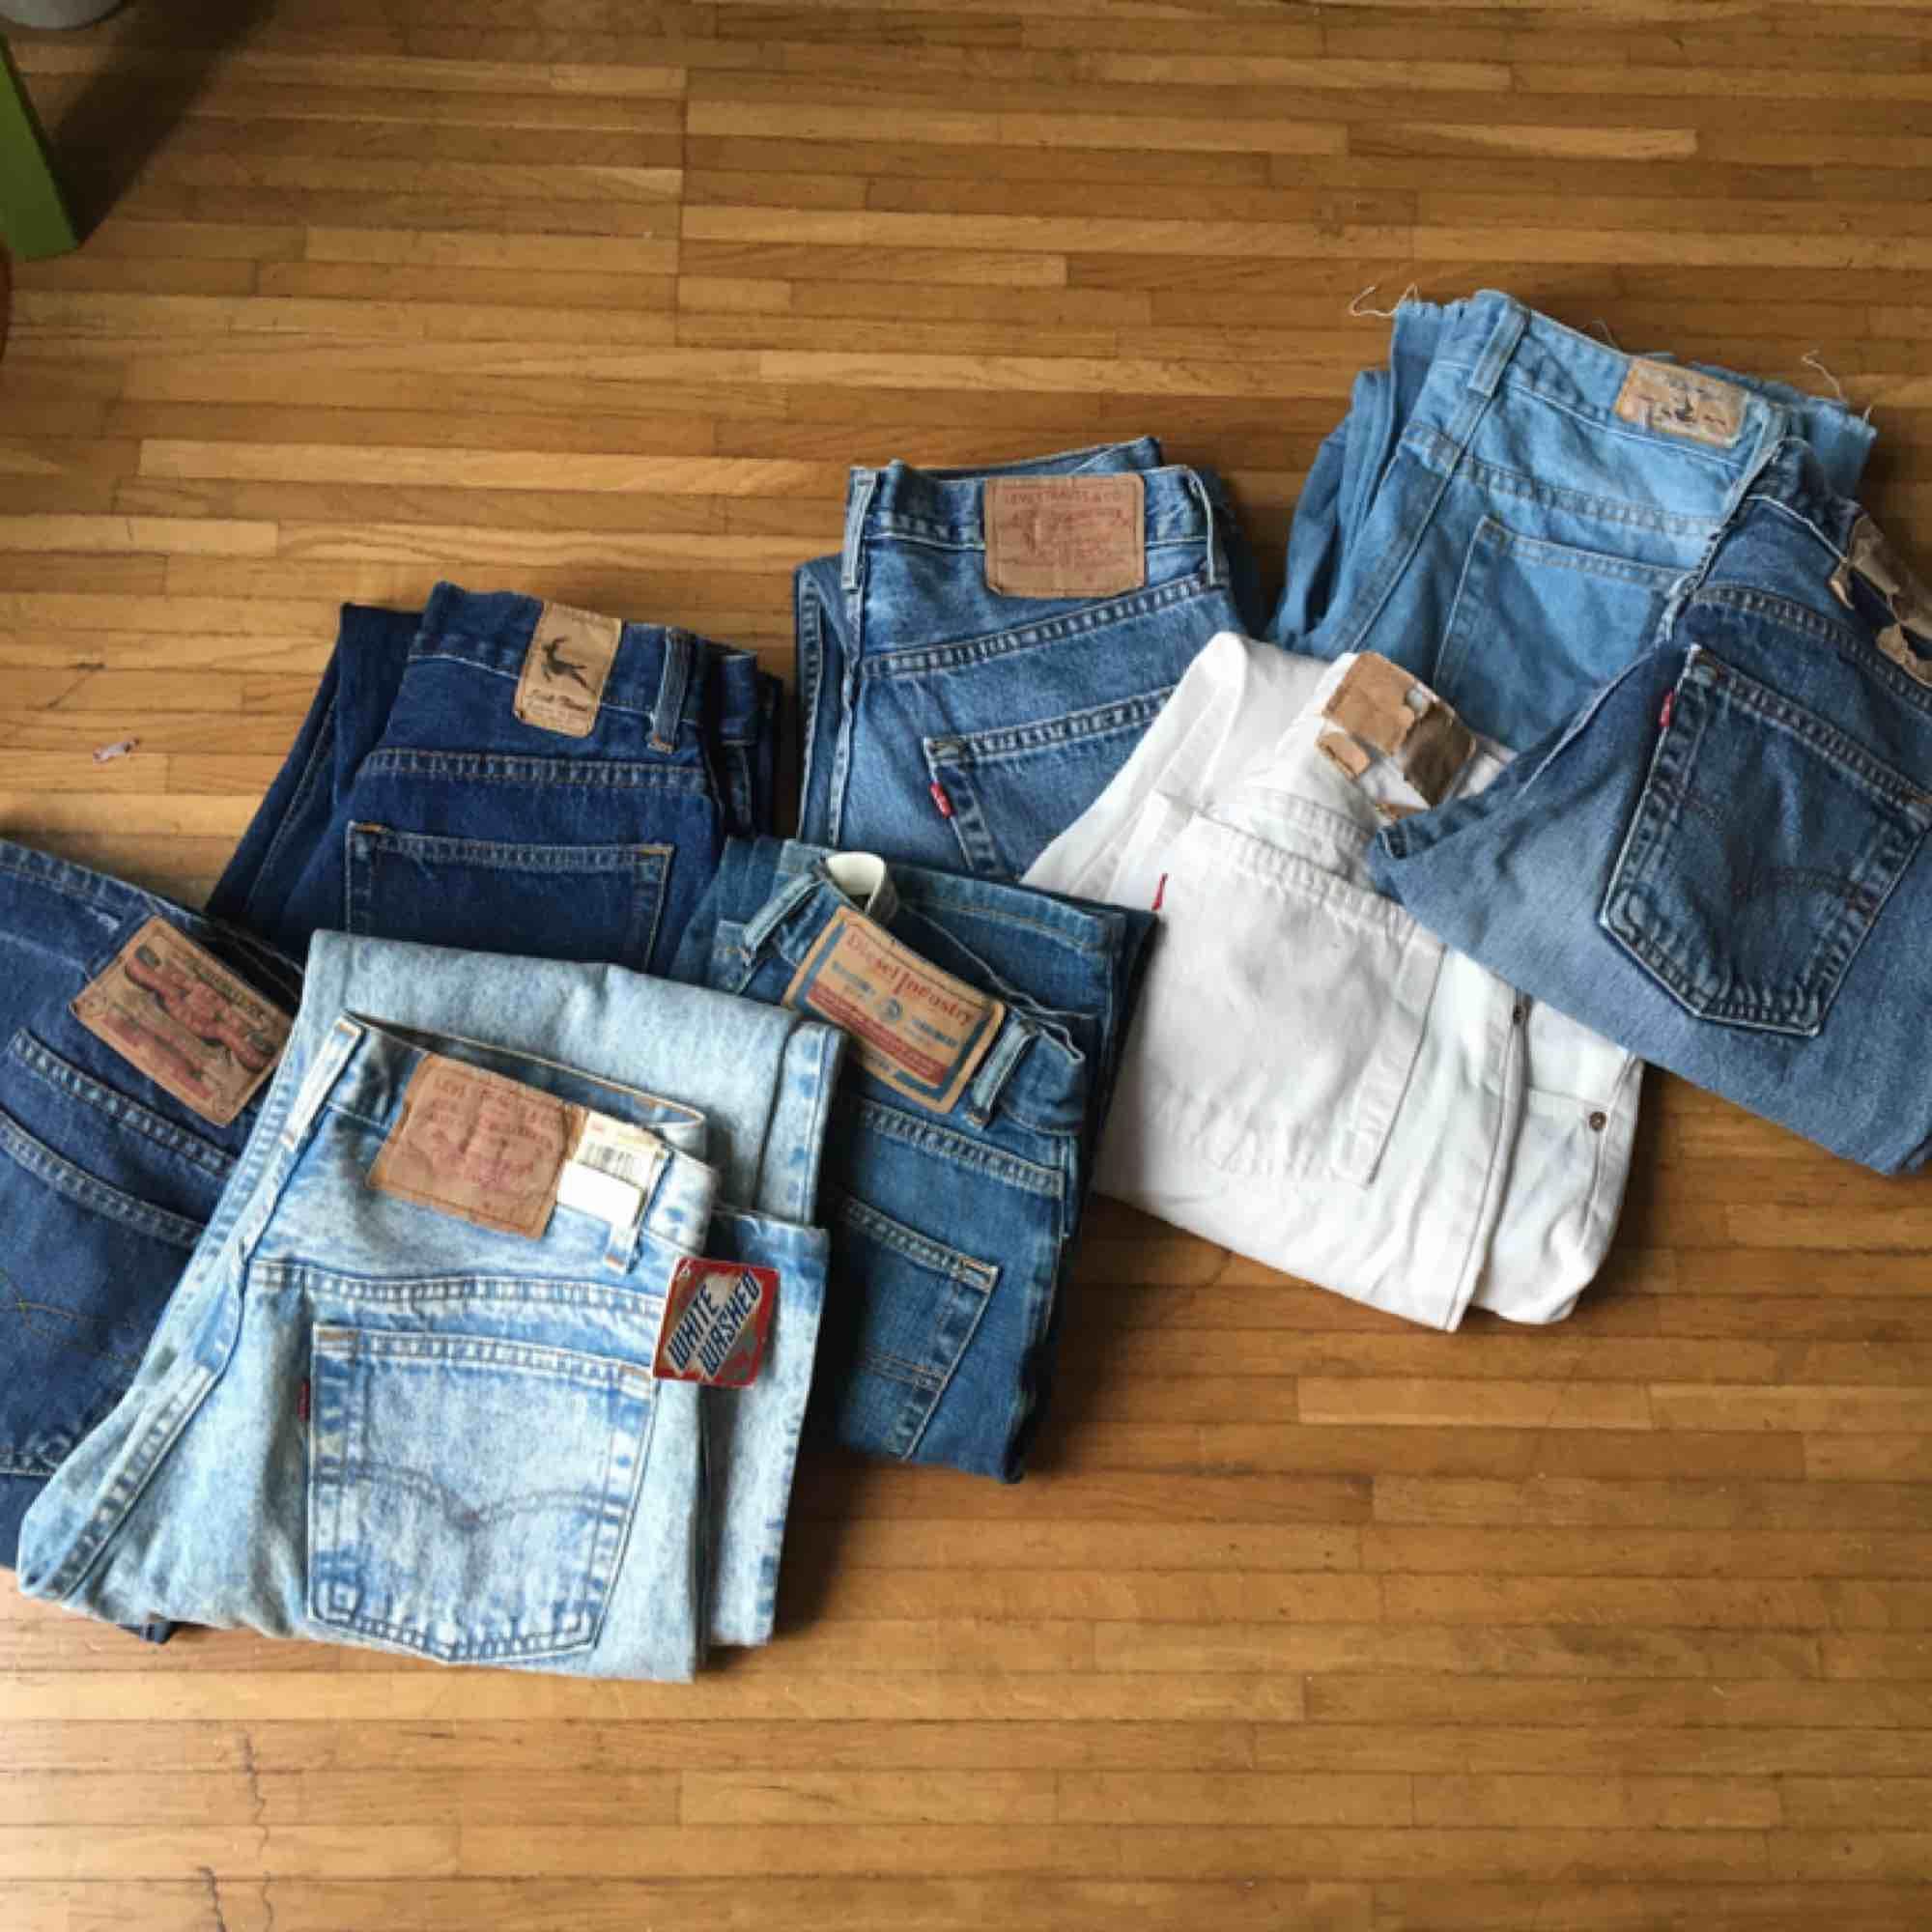 Kommer sälja en massa vintage jeans i olika storlekar! Från XXS-L. Här är några stycken, vissa är redan uppe- andra kommer strax! Fråga mig om specifik ifall den inte kommit upp än. En till FYLLD påse kommer oxå snart!. Jeans & Byxor.